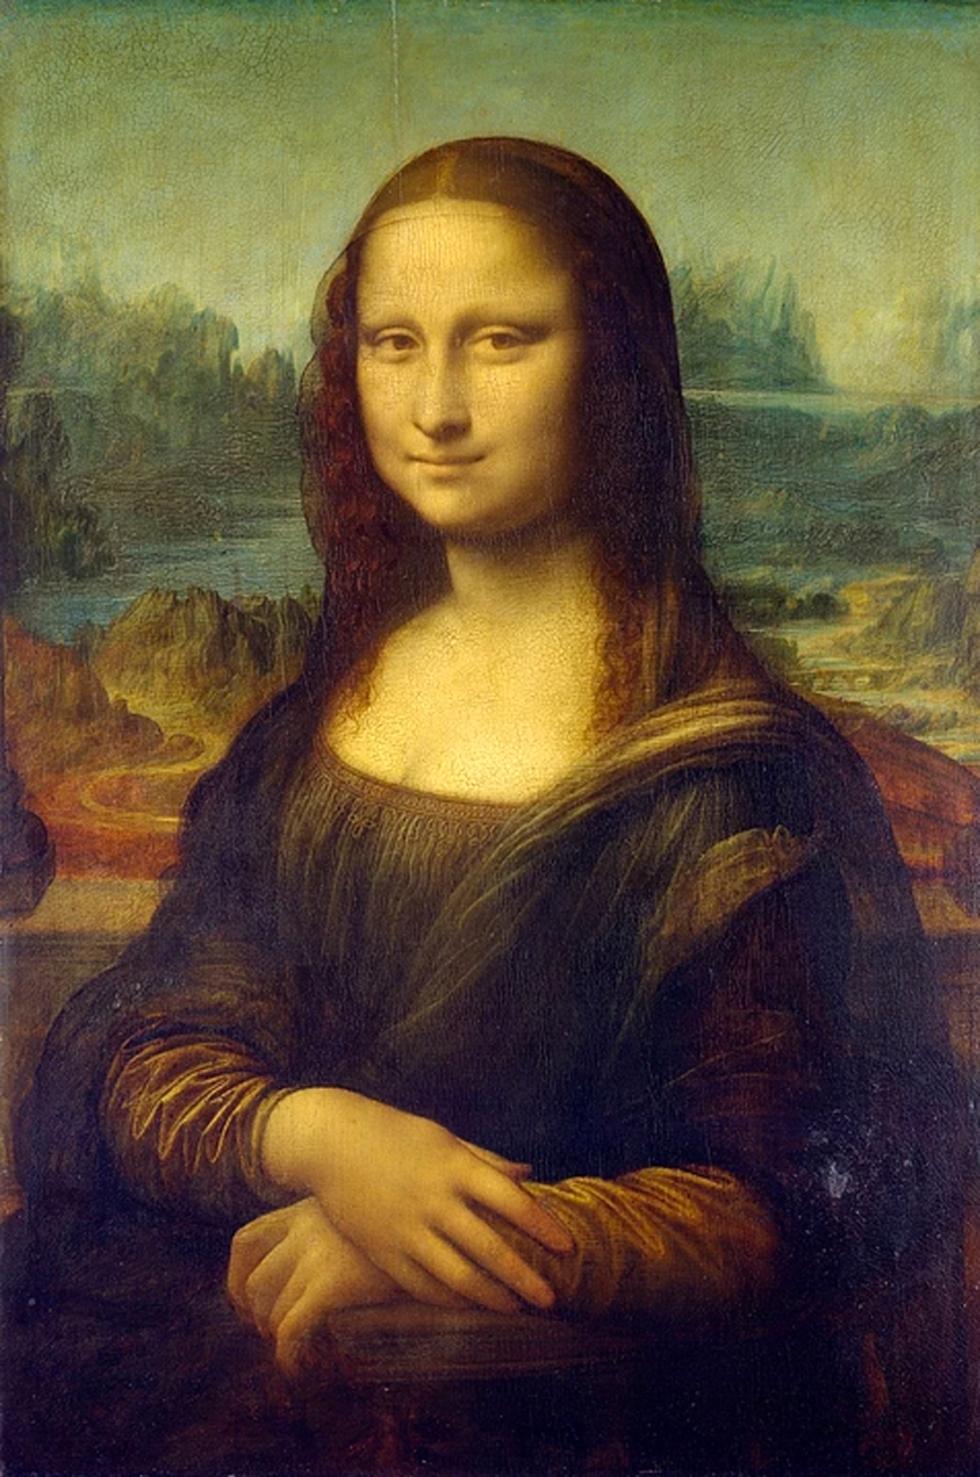 La Gioconda Leonardo